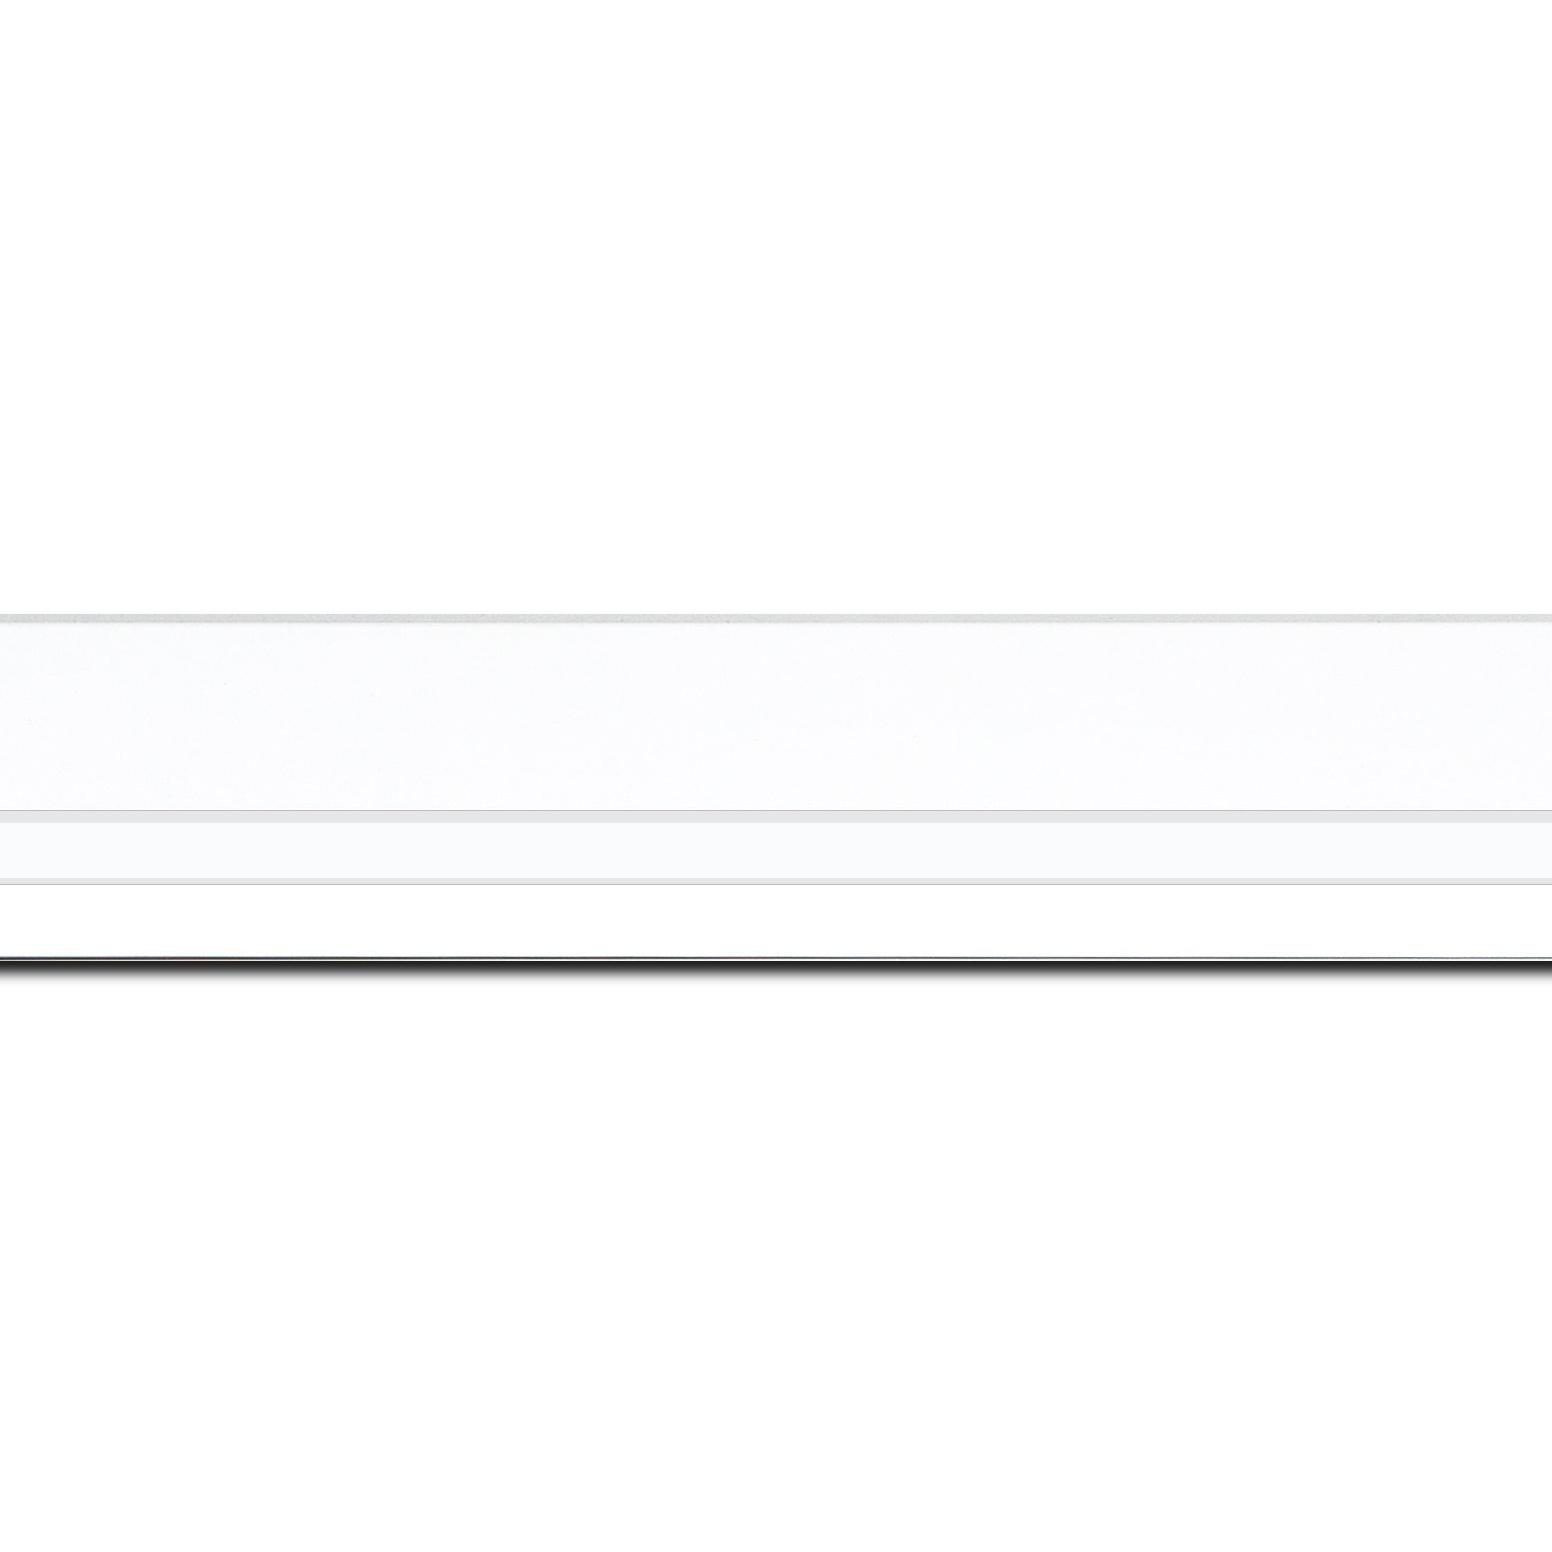 Baguette longueur 1.40m bois profil pente largeur 4.5cm de couleur blanc mat filet blanc